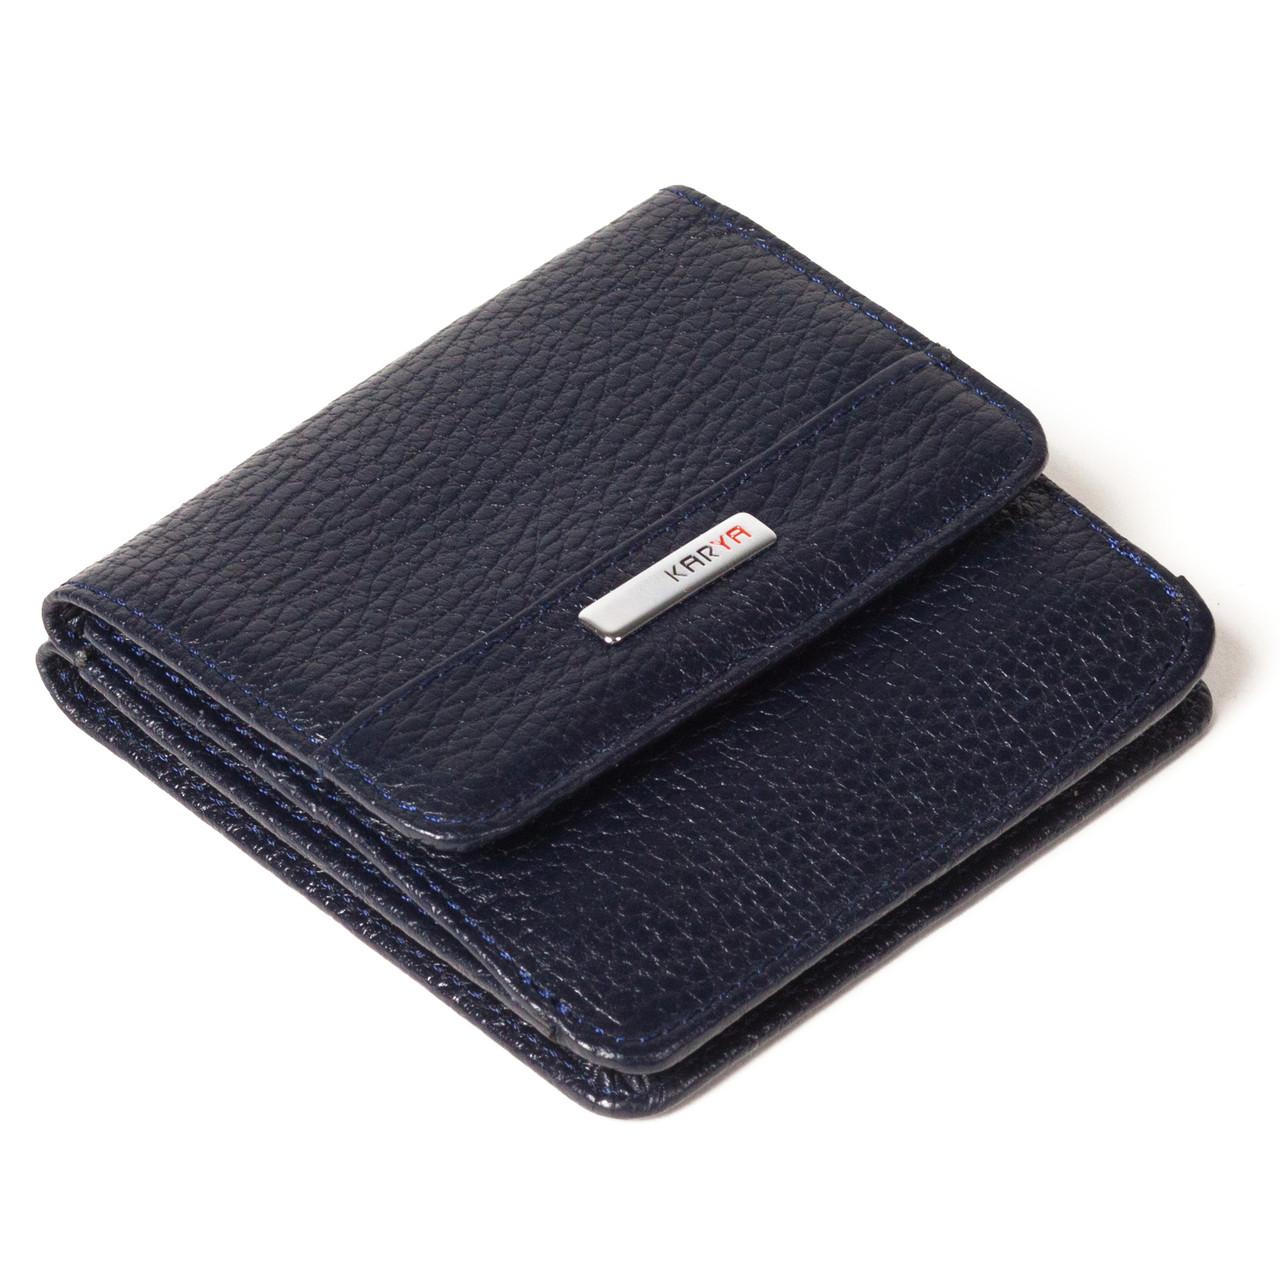 Маленький женский кошелек Karya 1106-44 кожаный синий